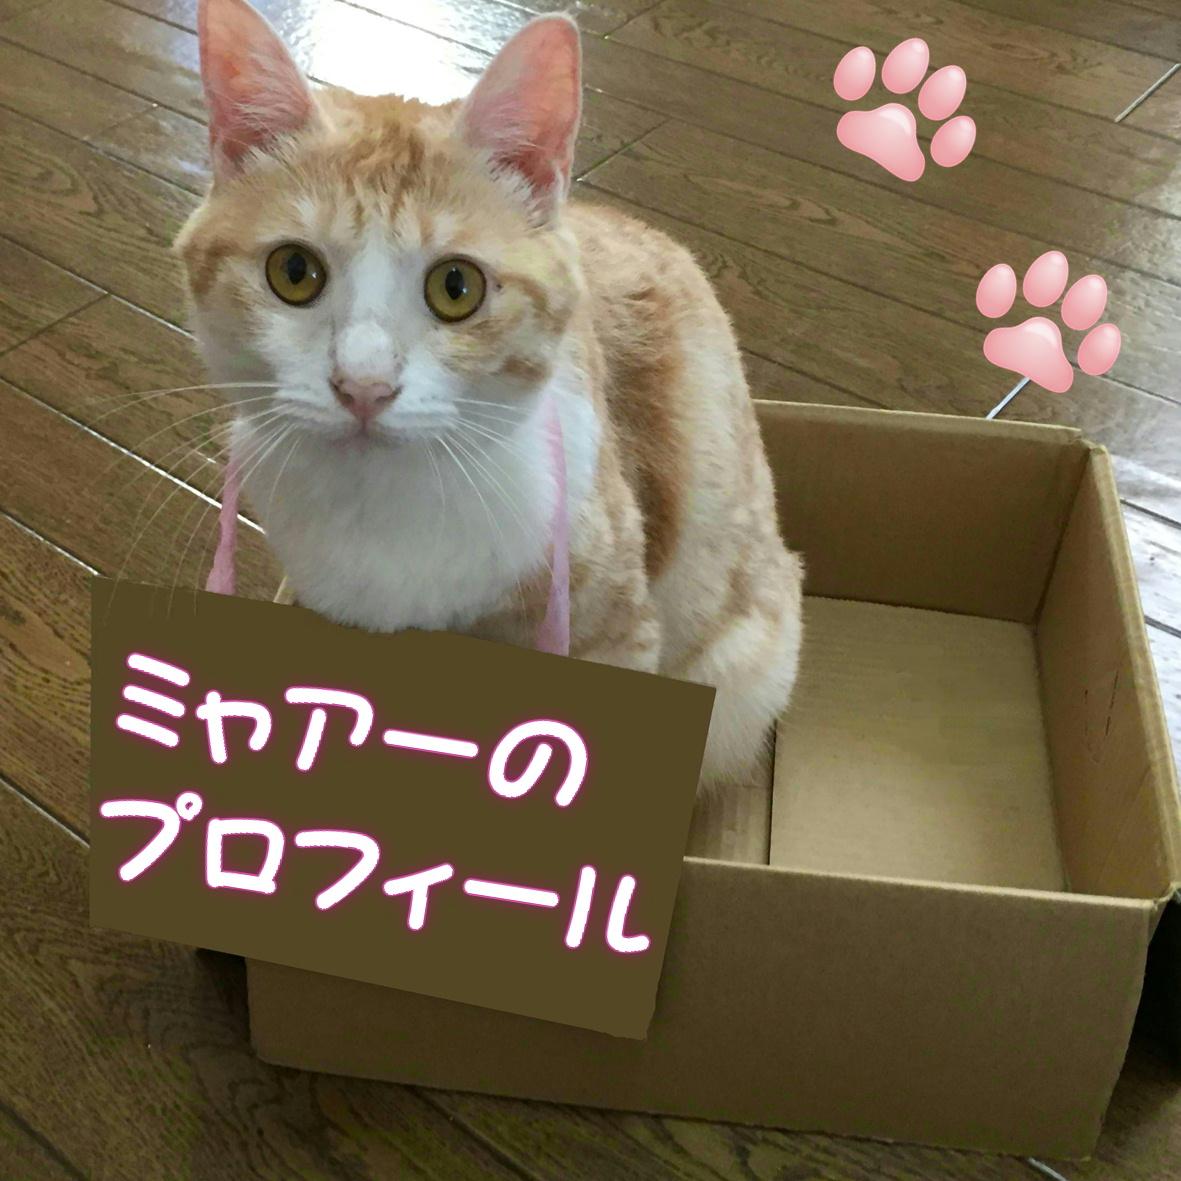 ちゃしろ猫ミャアーのプロフィール